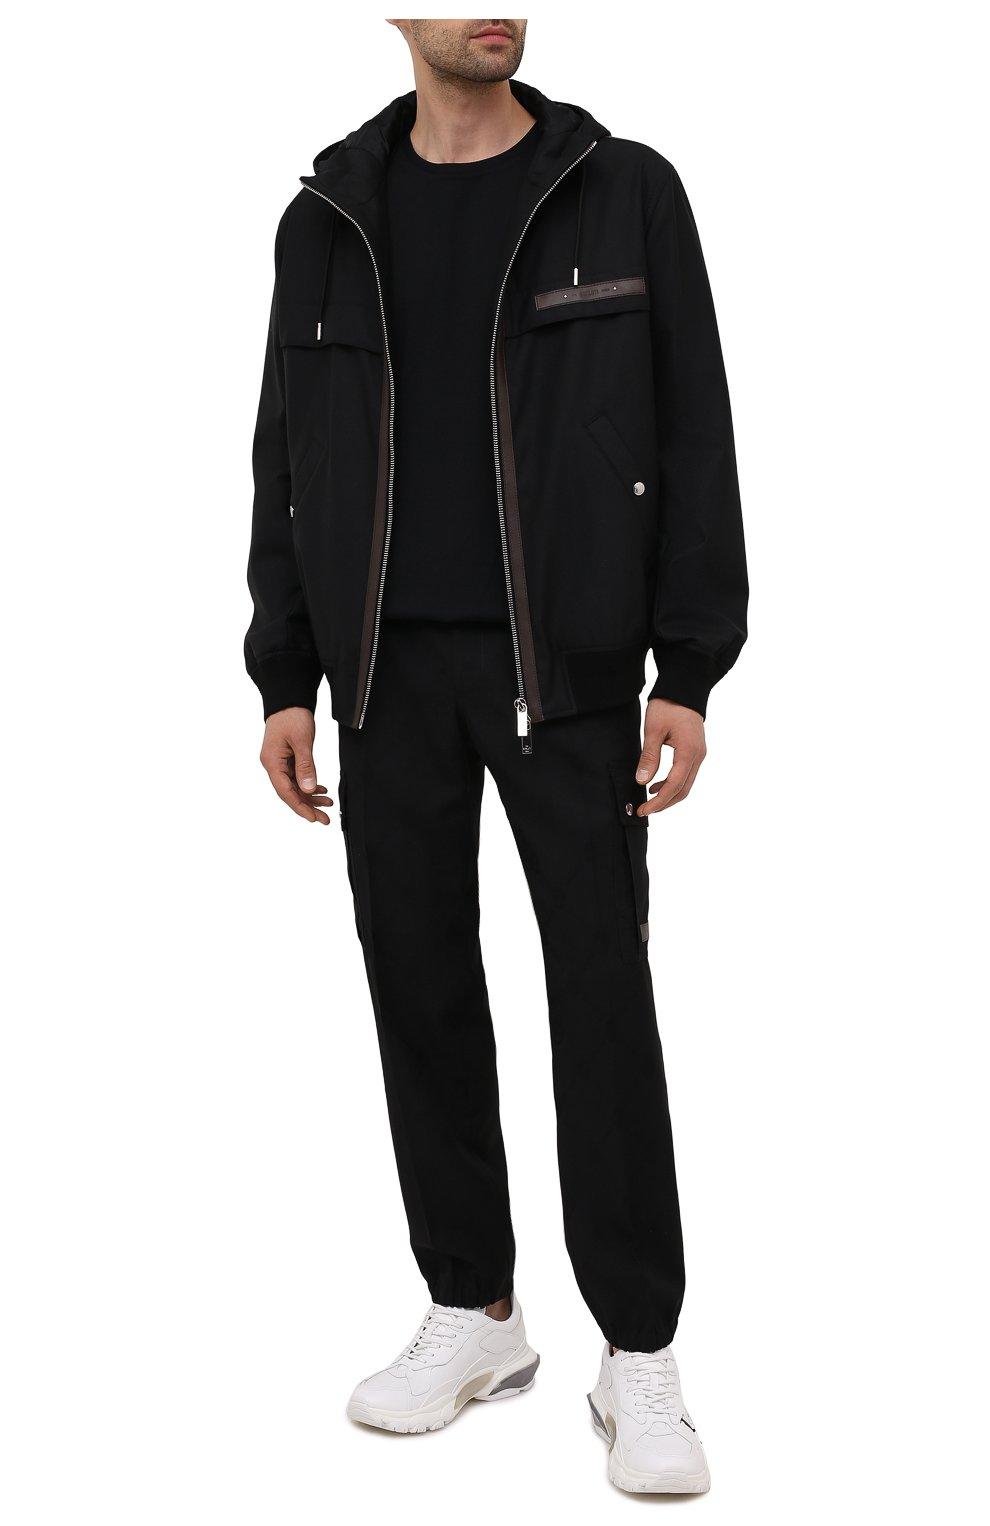 Мужской бомбер BERLUTI черного цвета, арт. R200BL102-001   Фото 2 (Кросс-КТ: Куртка; Материал внешний: Шерсть, Синтетический материал; Рукава: Длинные; Принт: Без принта; Длина (верхняя одежда): Короткие; Материал подклада: Купро; Стили: Кэжуэл)